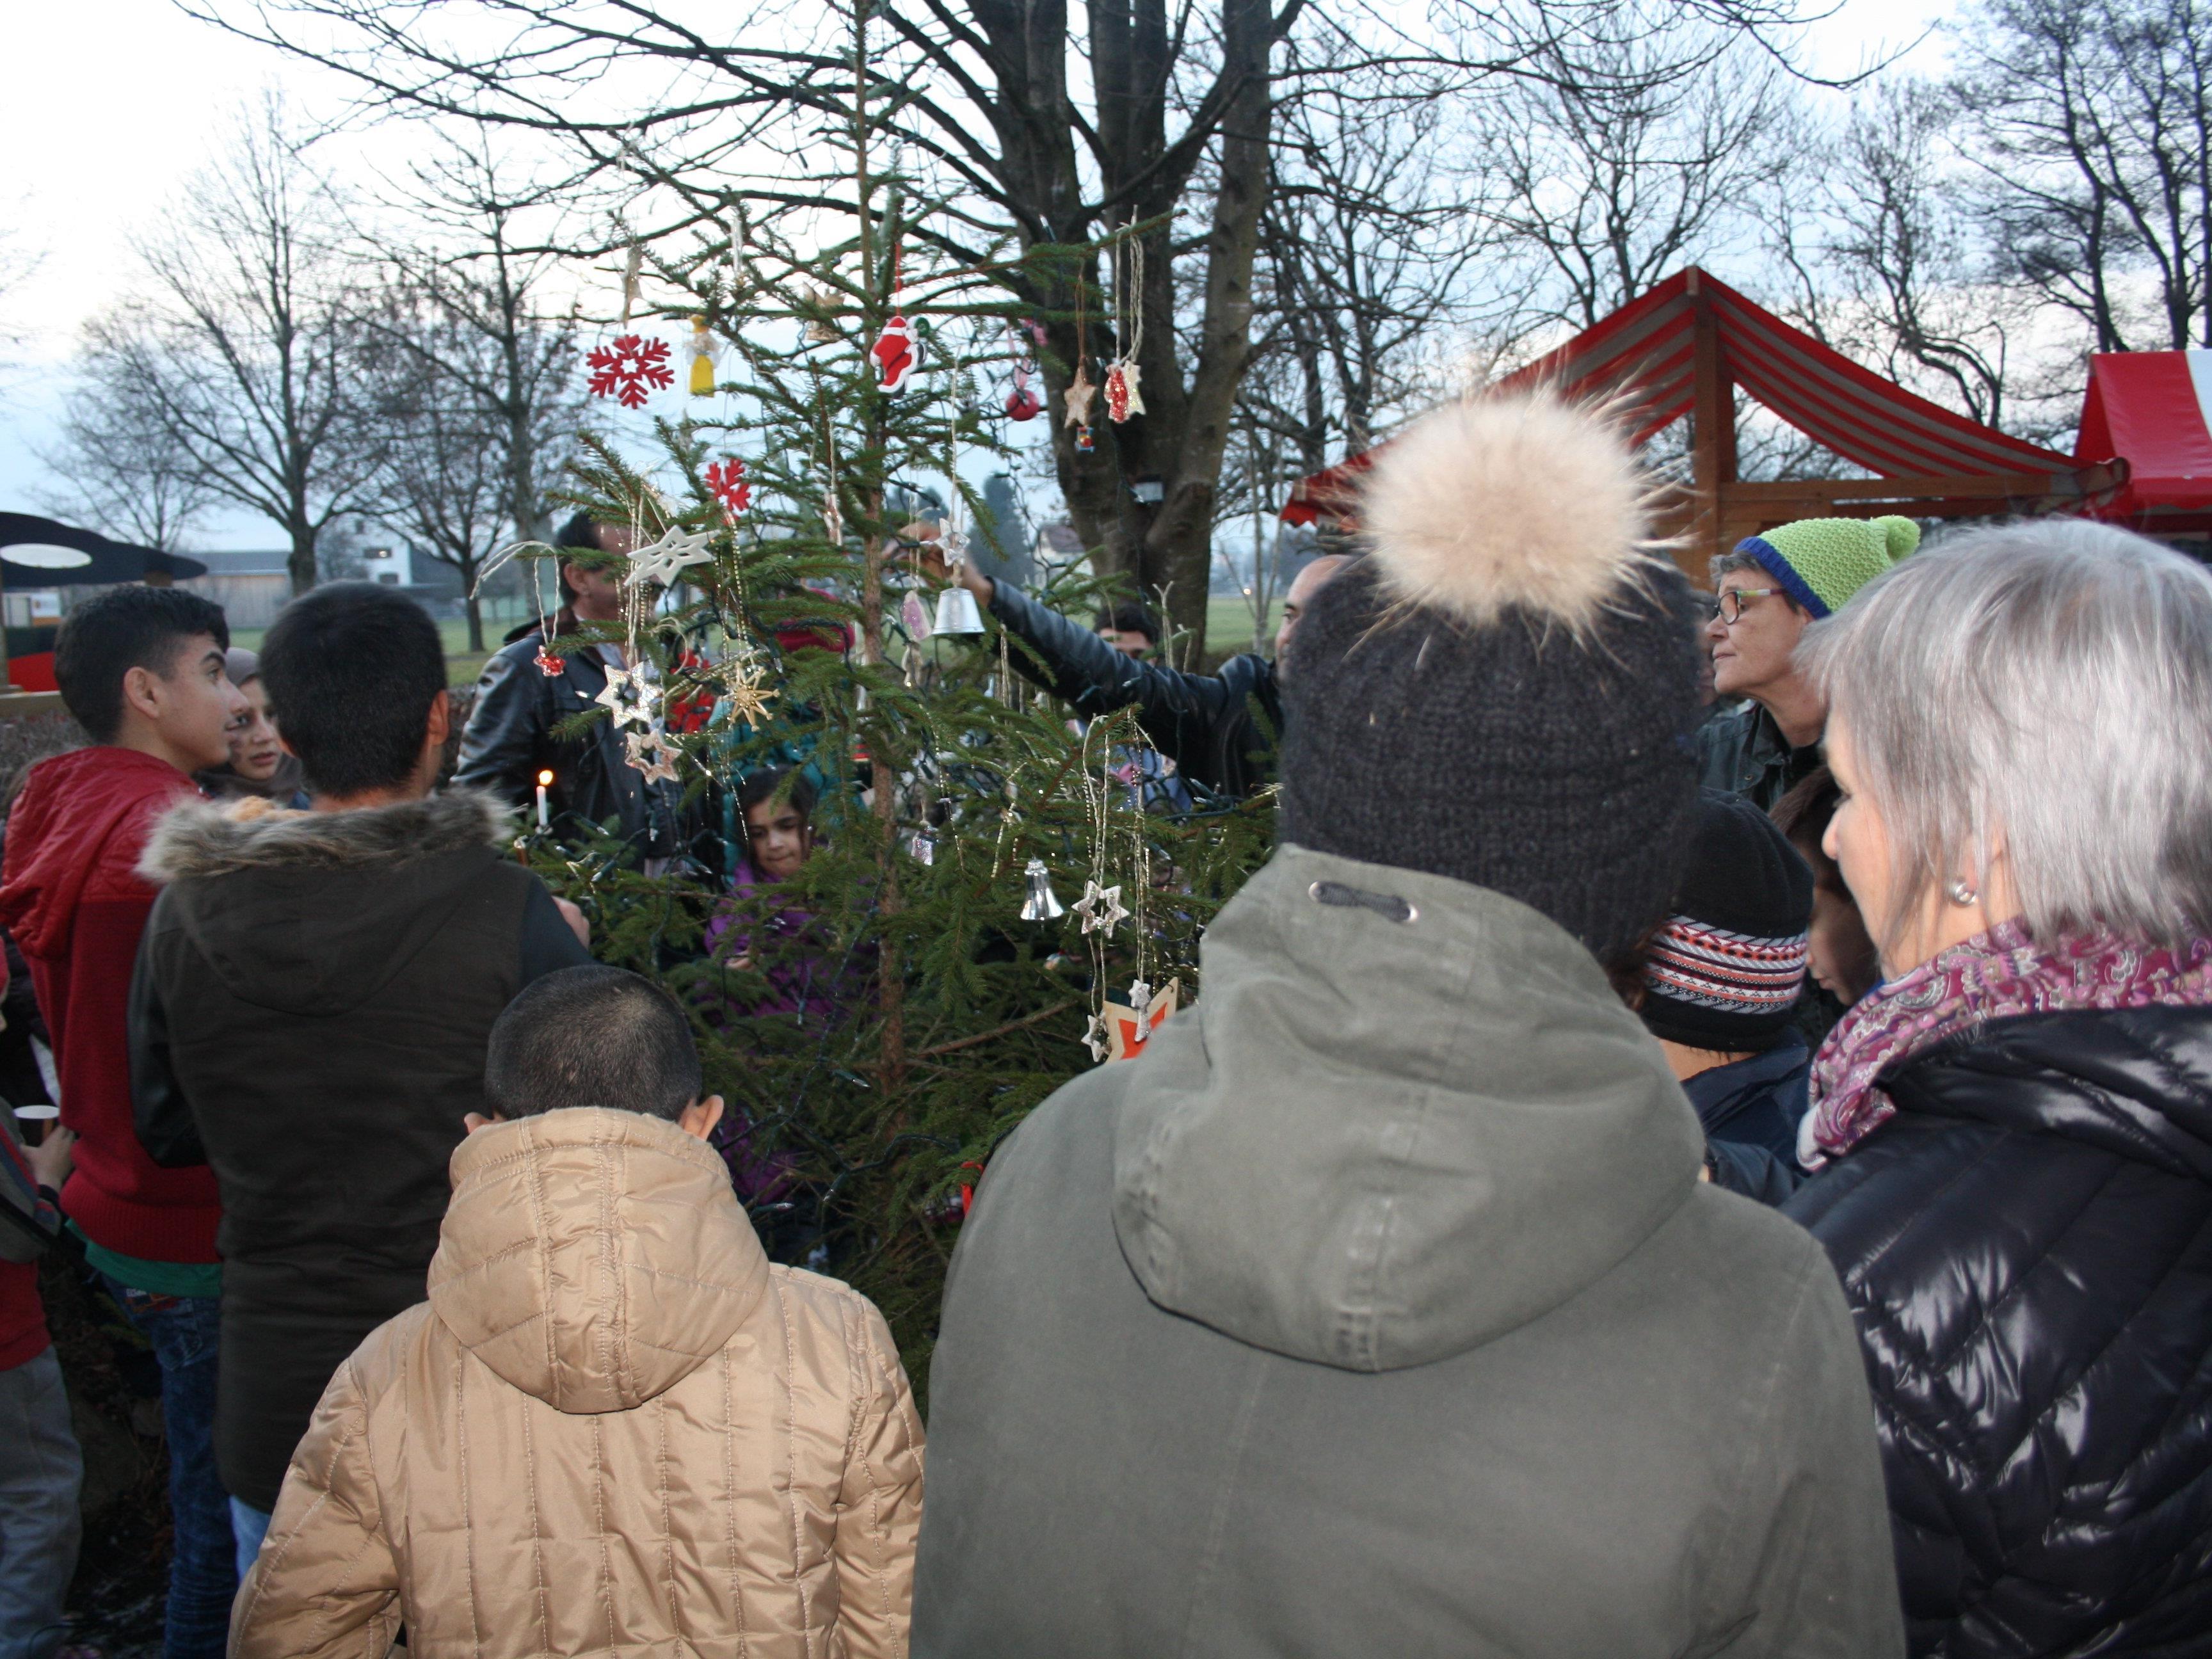 Gemeinsam wurde der Christbaum bunt geschmückt.